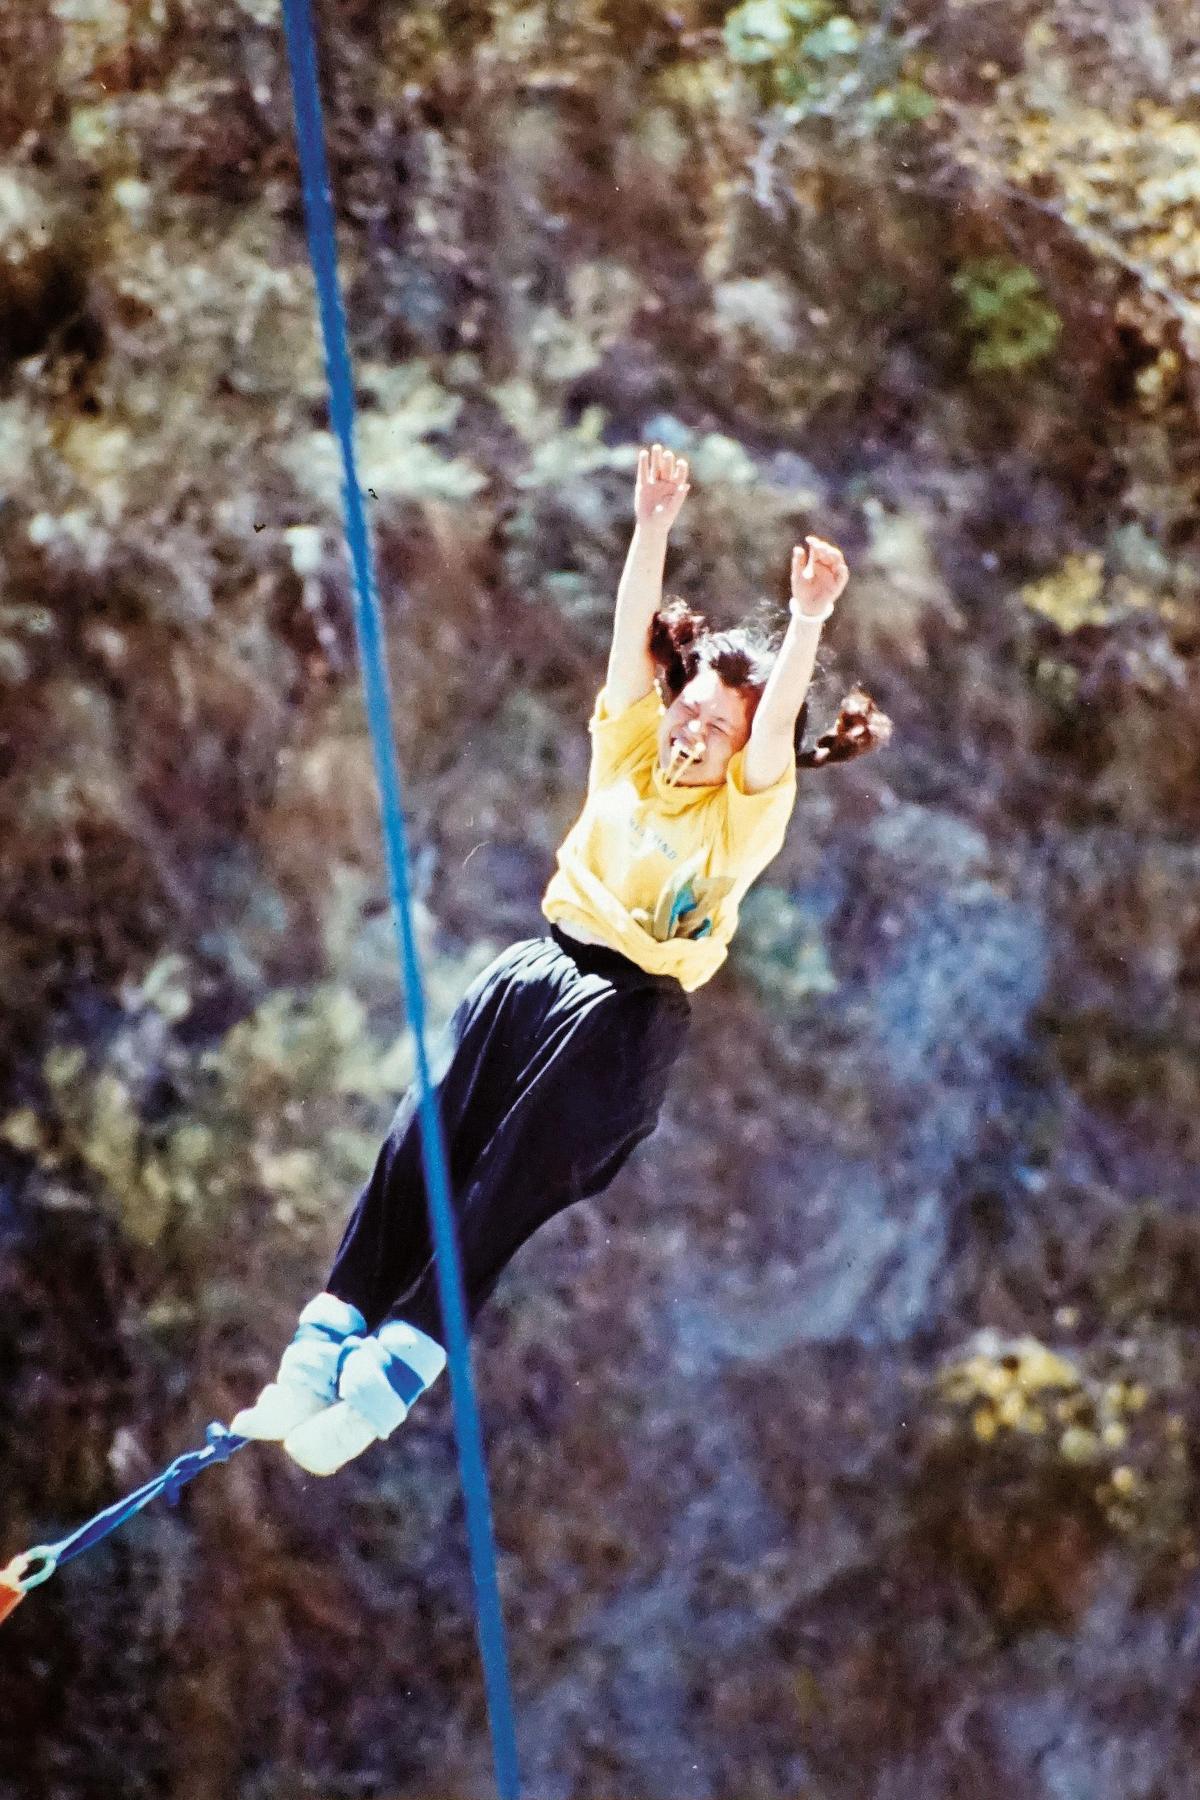 當年錢多時間多,蔣月惠到處嘗試刺激挑戰,包括去紐西蘭高空彈跳、去北歐自助35天。(蔣月惠提供)